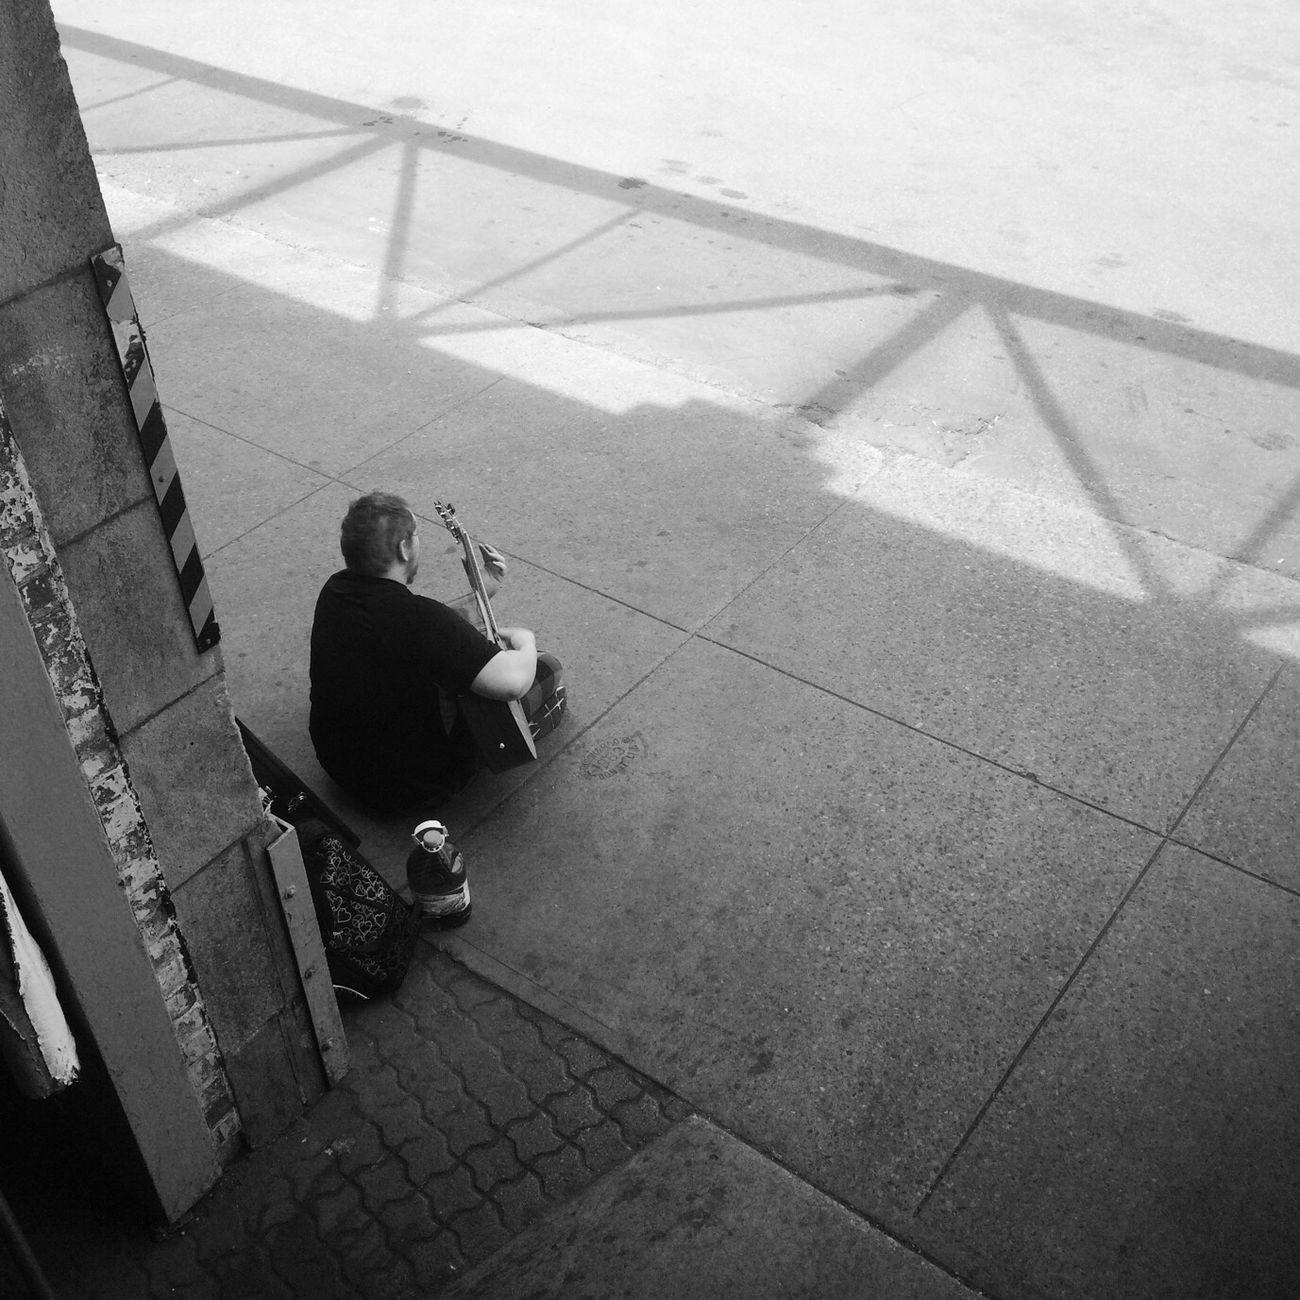 a singer Singer  Guitar Toronto Toronto Canada Terminal Inbus Men Shadow City Life Monochrome